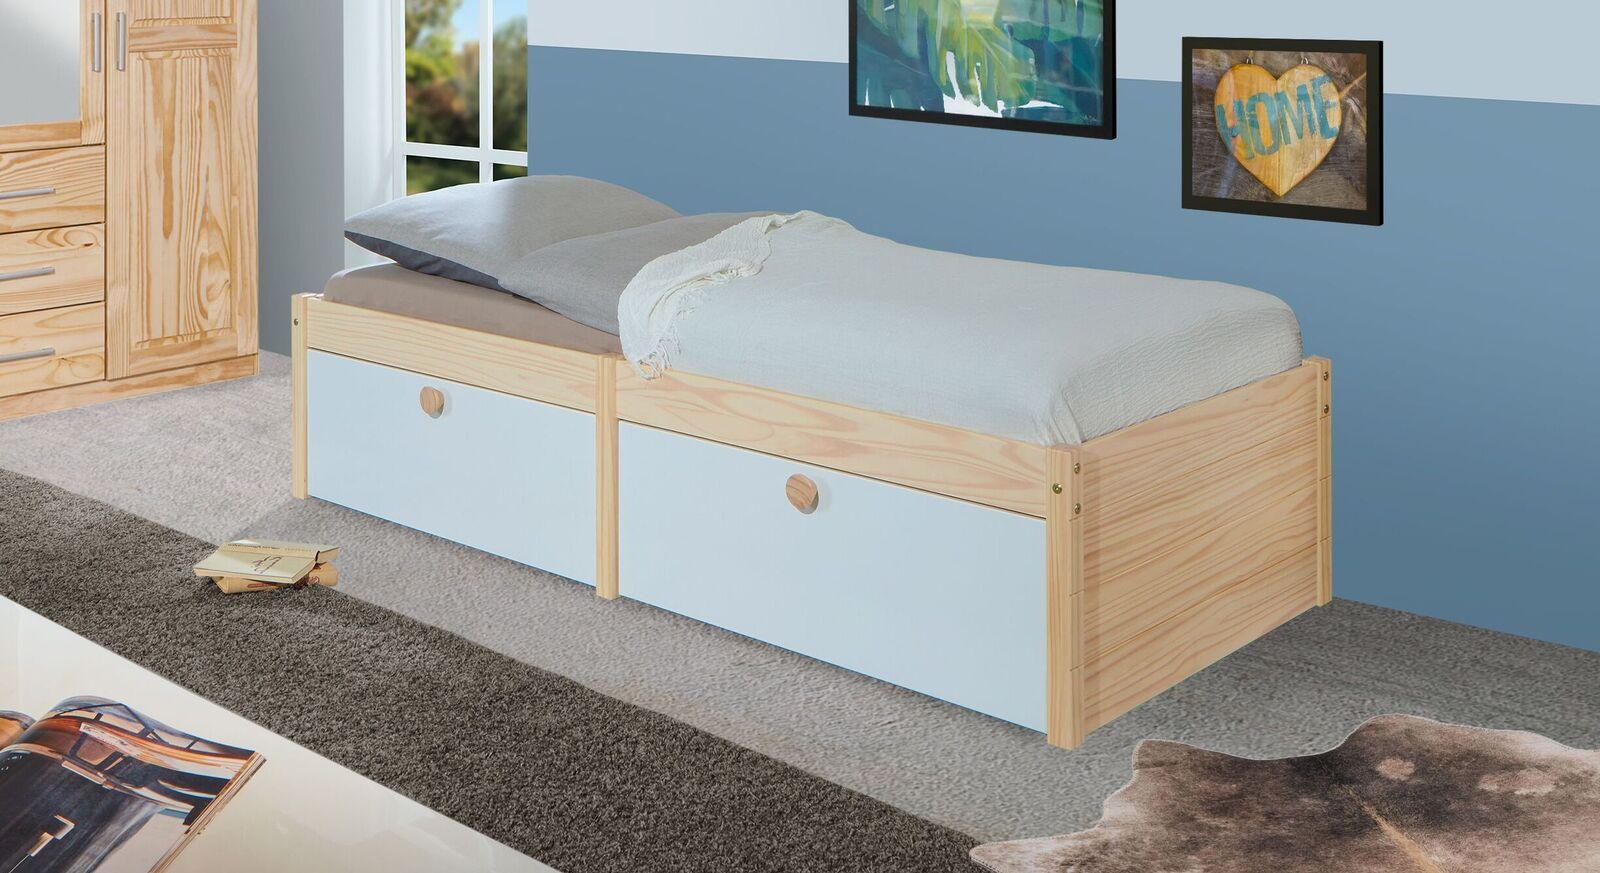 Schubkasten-Einzelbett Saffar mit integriertem Stauraum